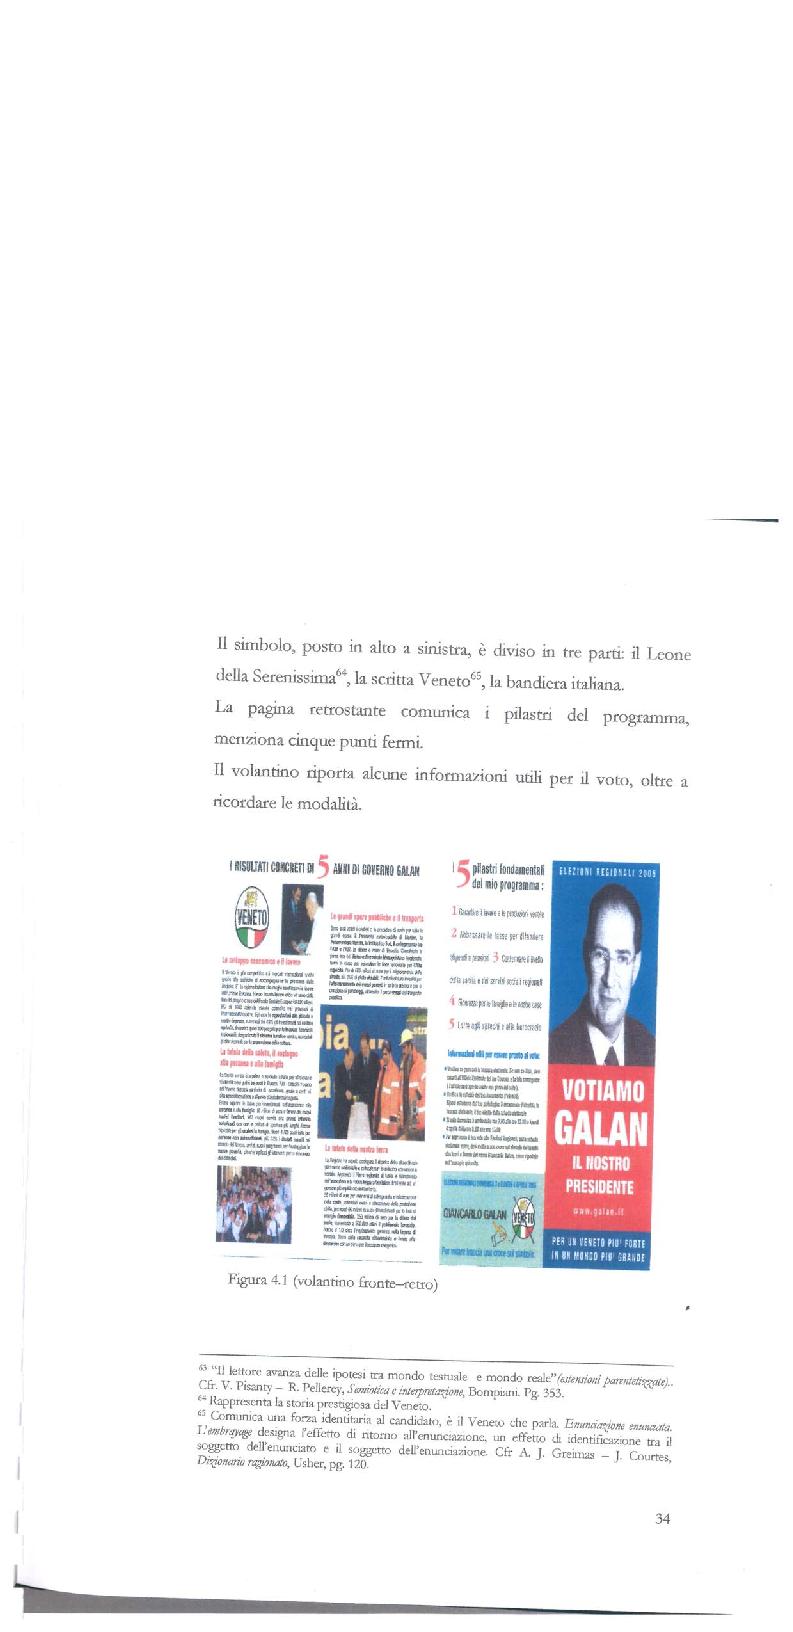 Anteprima della tesi: Strategie di persuasione elettorale durante le regionali 2005 in Veneto, Pagina 4